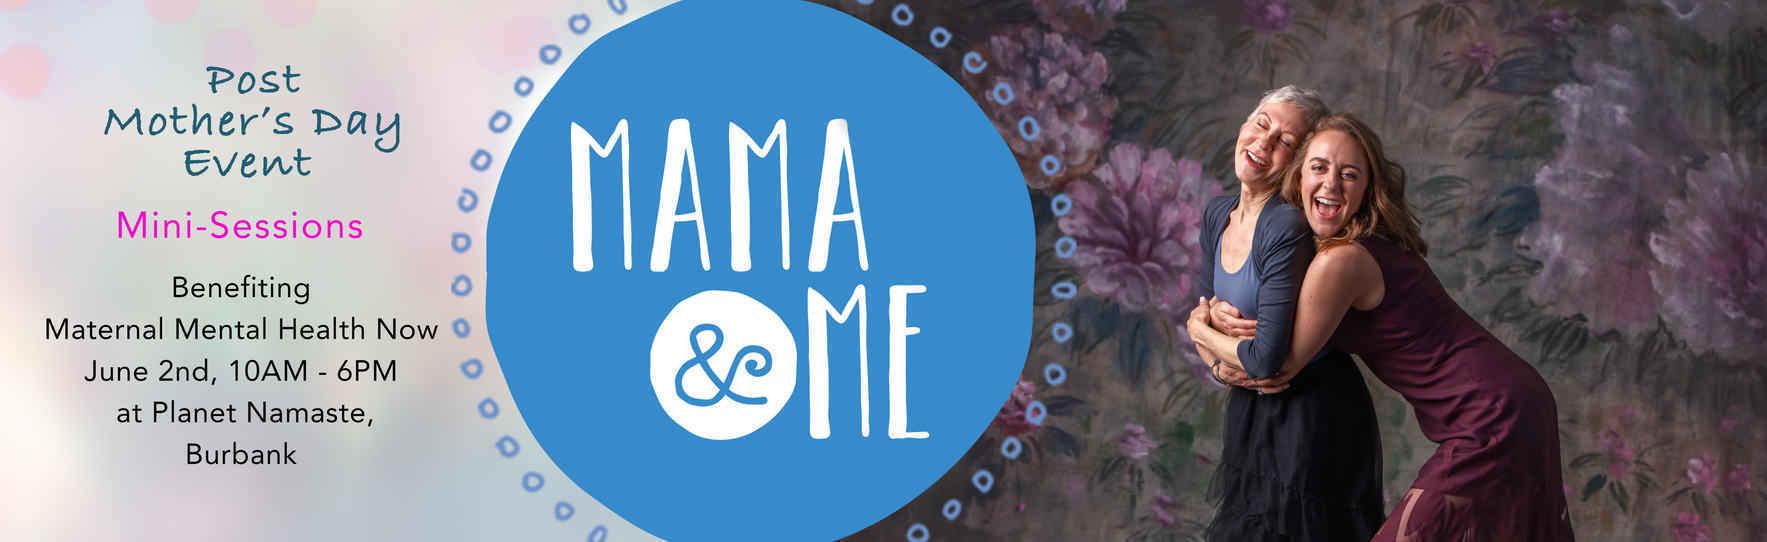 Donate $150 for a 20-minute Mama & Me mini-photo session image